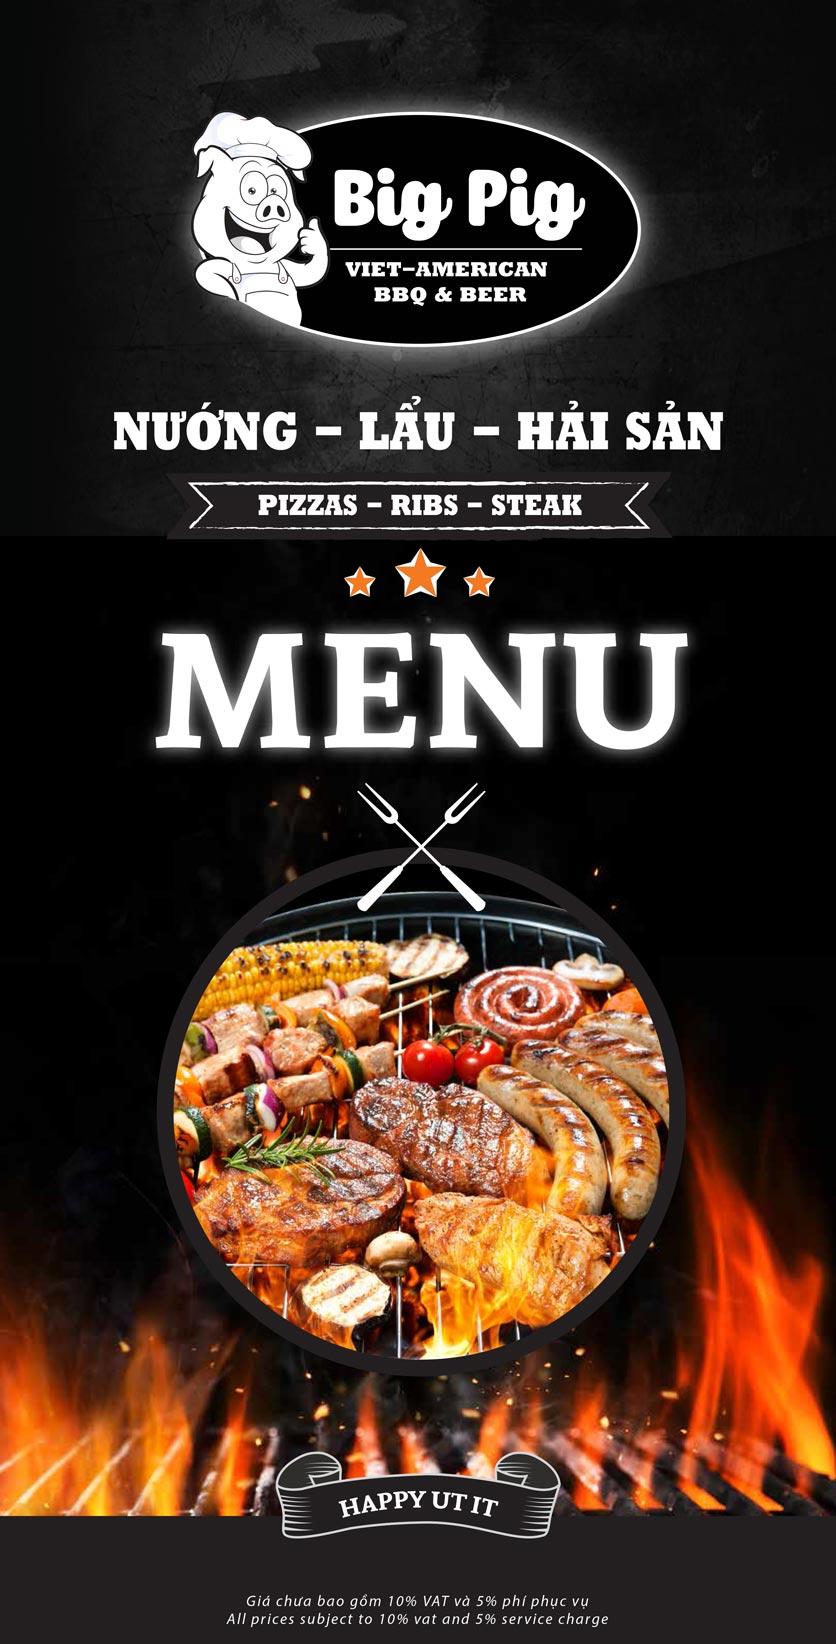 Menu Big Pig BBQ & Beer - Trường Sơn 4